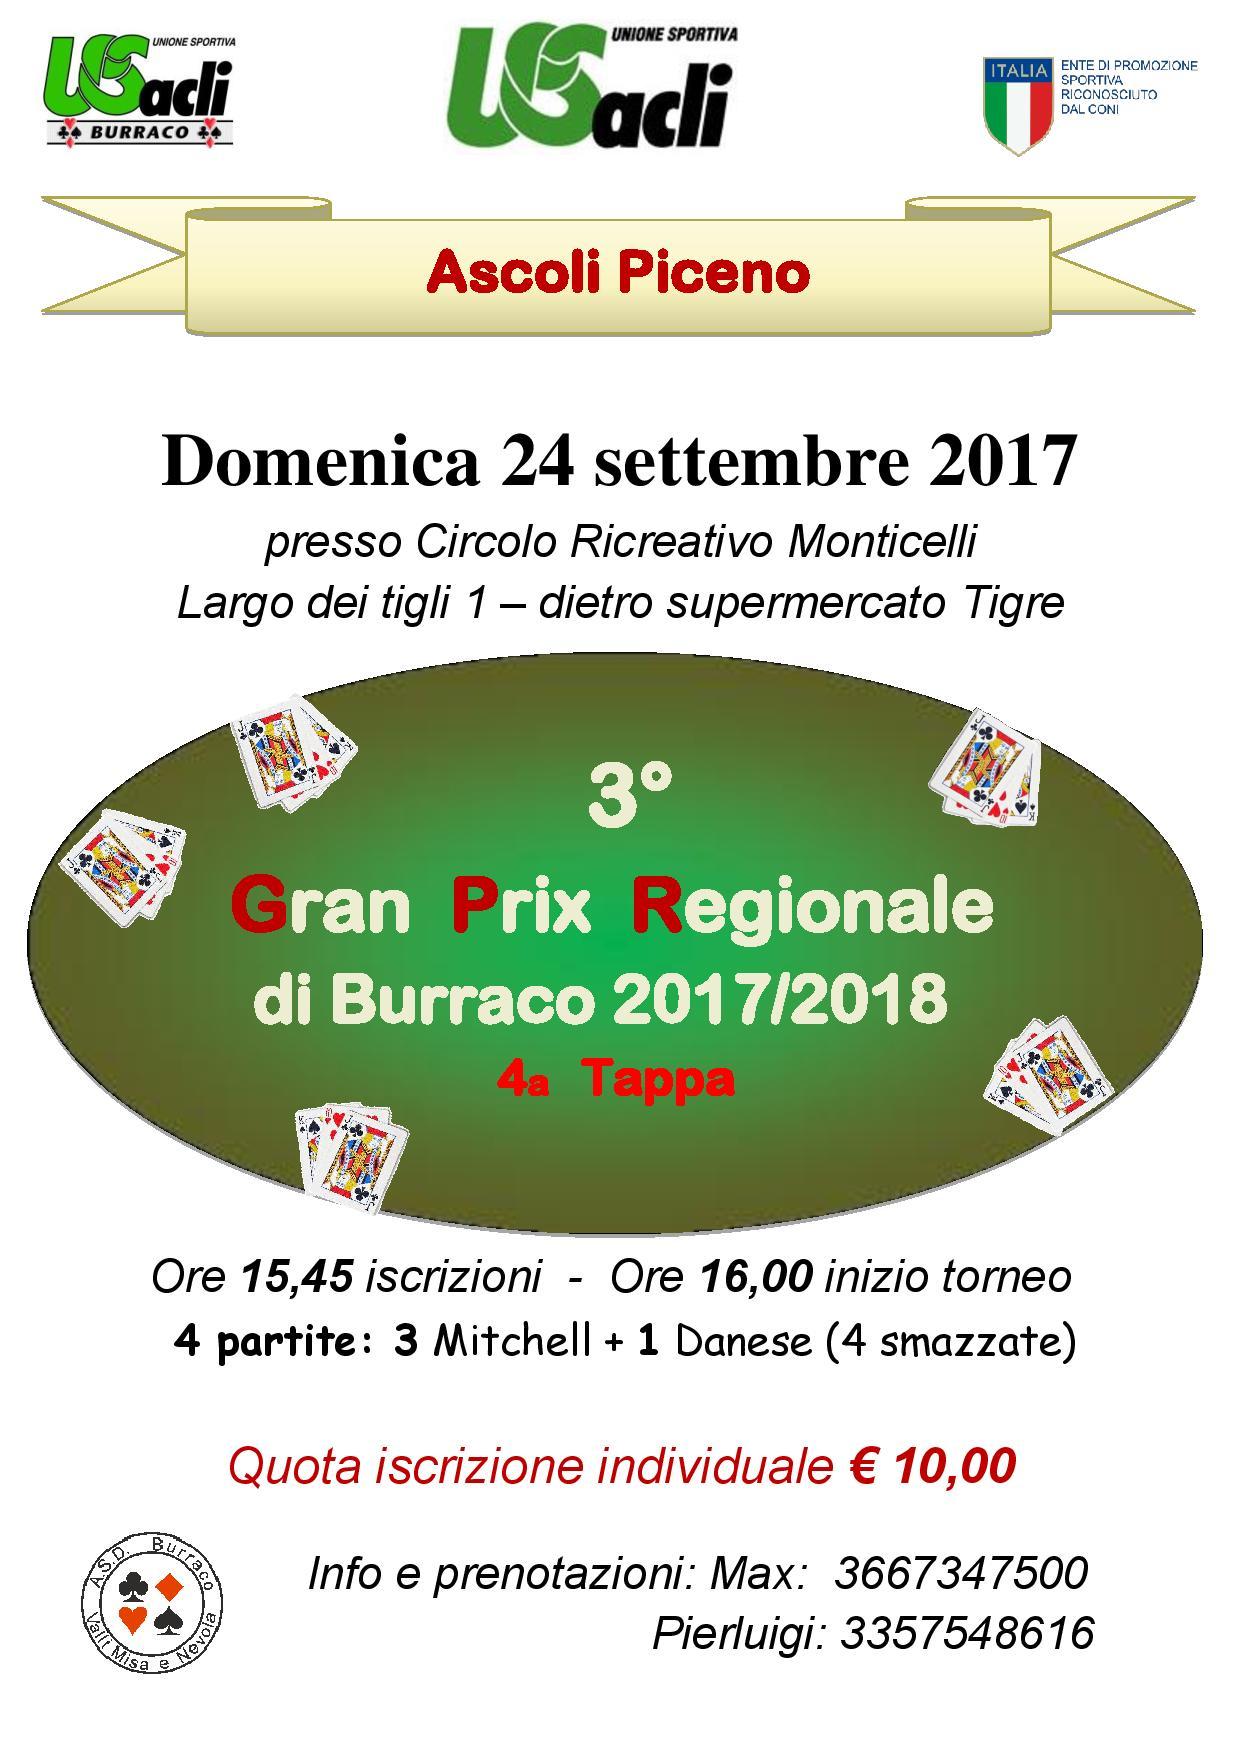 Ascoli Piceno ospita il Gran prix regionale di burraco dell'U.S. Acli